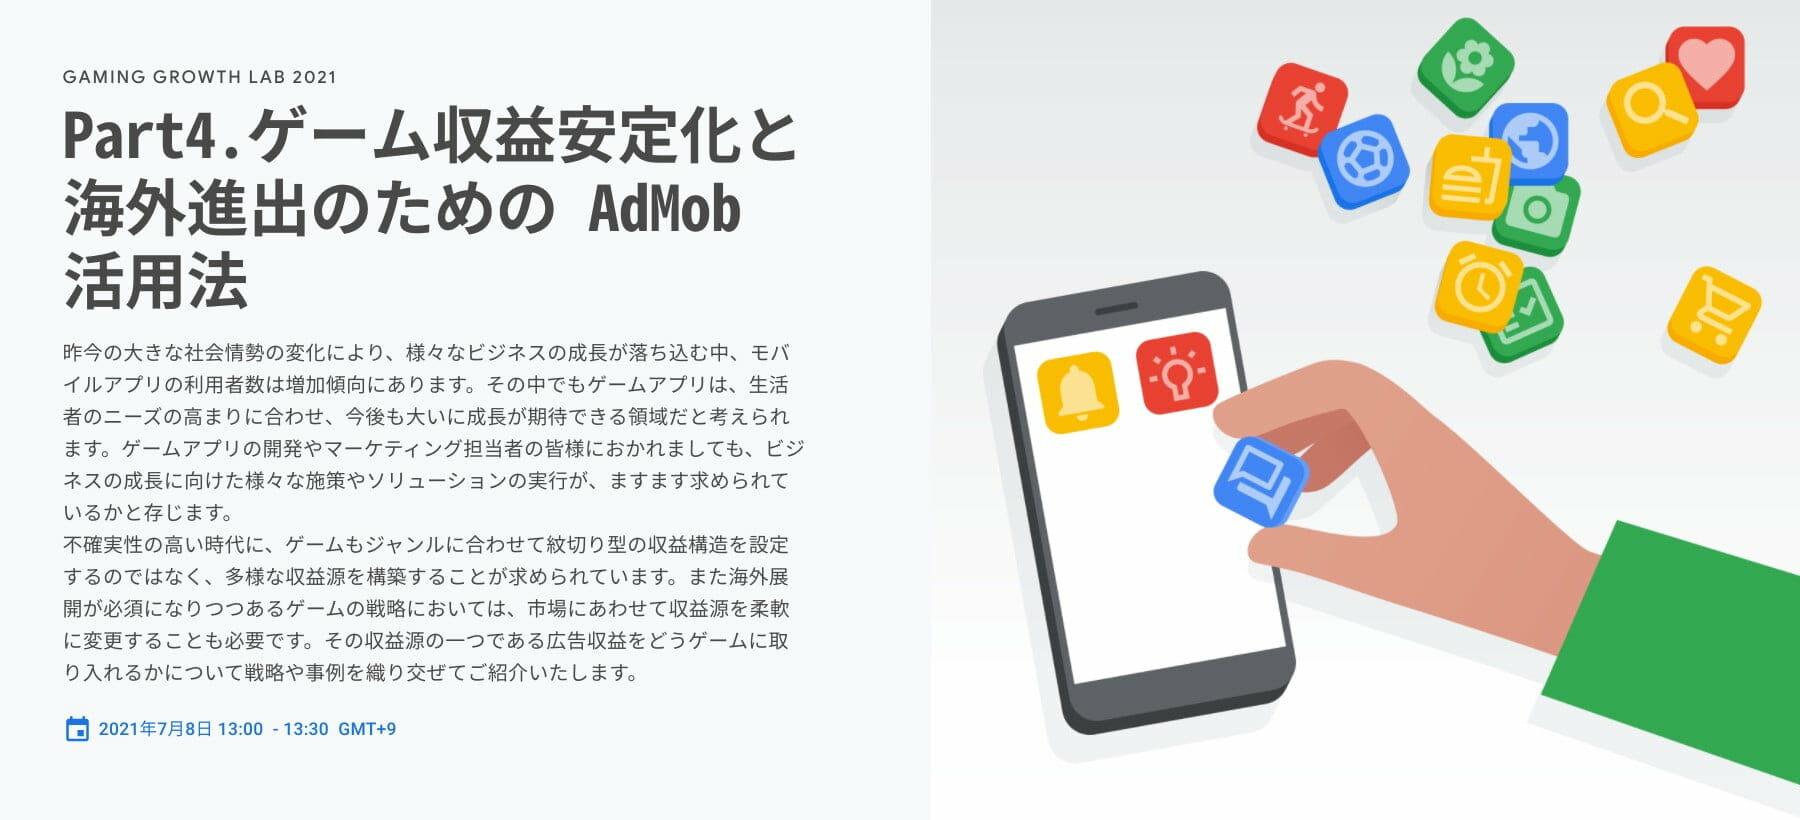 [Google 広告] Part4.ゲーム収益安定化と海外進出のための AdMob 活用法